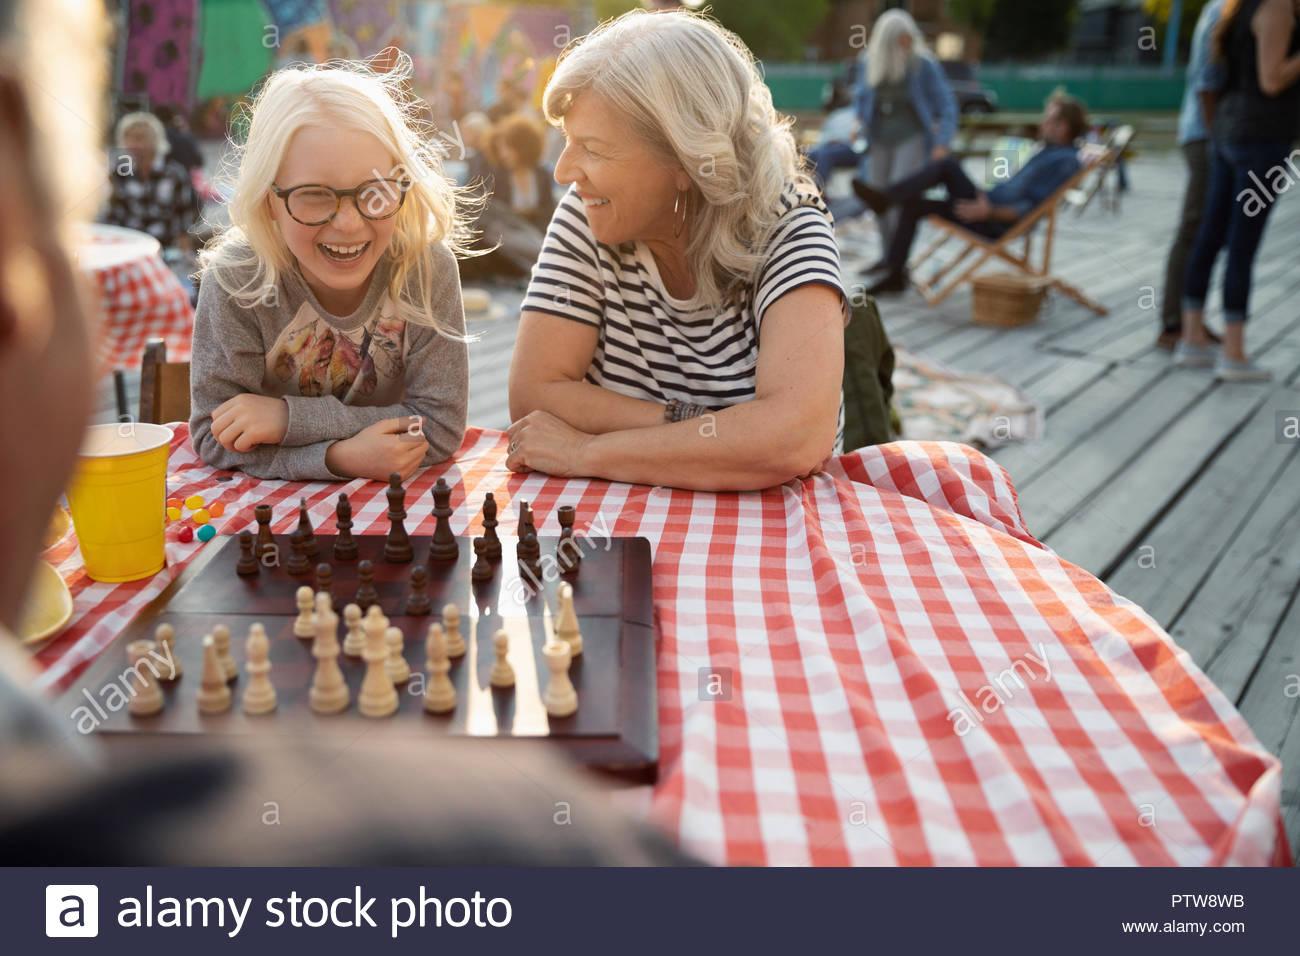 Grand-mère et petite-fille jouant aux échecs dans le parc Photo Stock